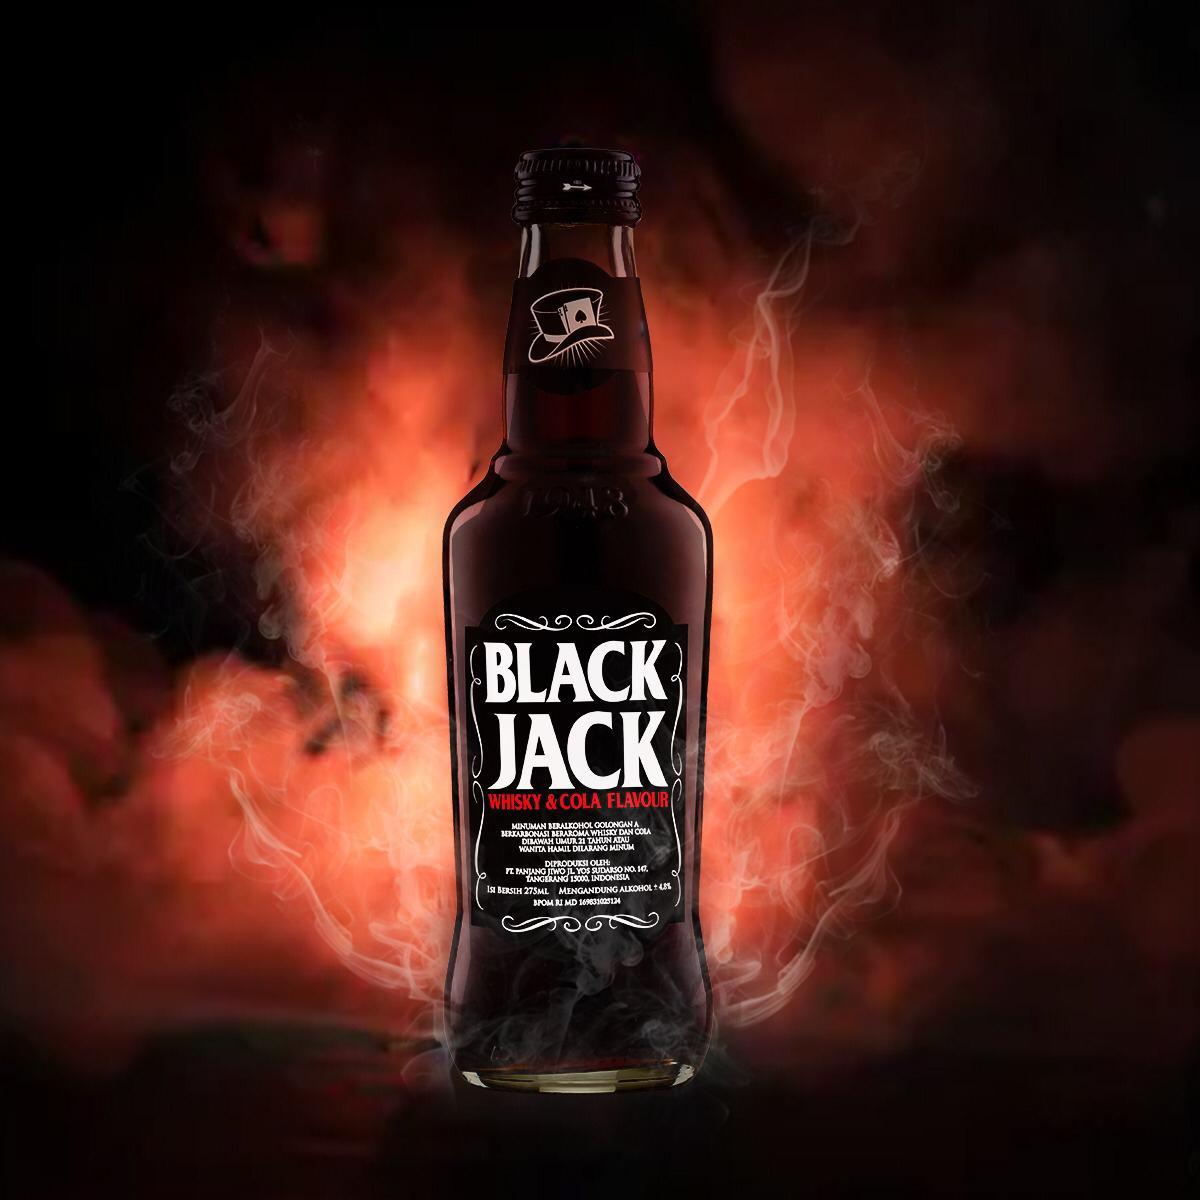 Viski blackjack